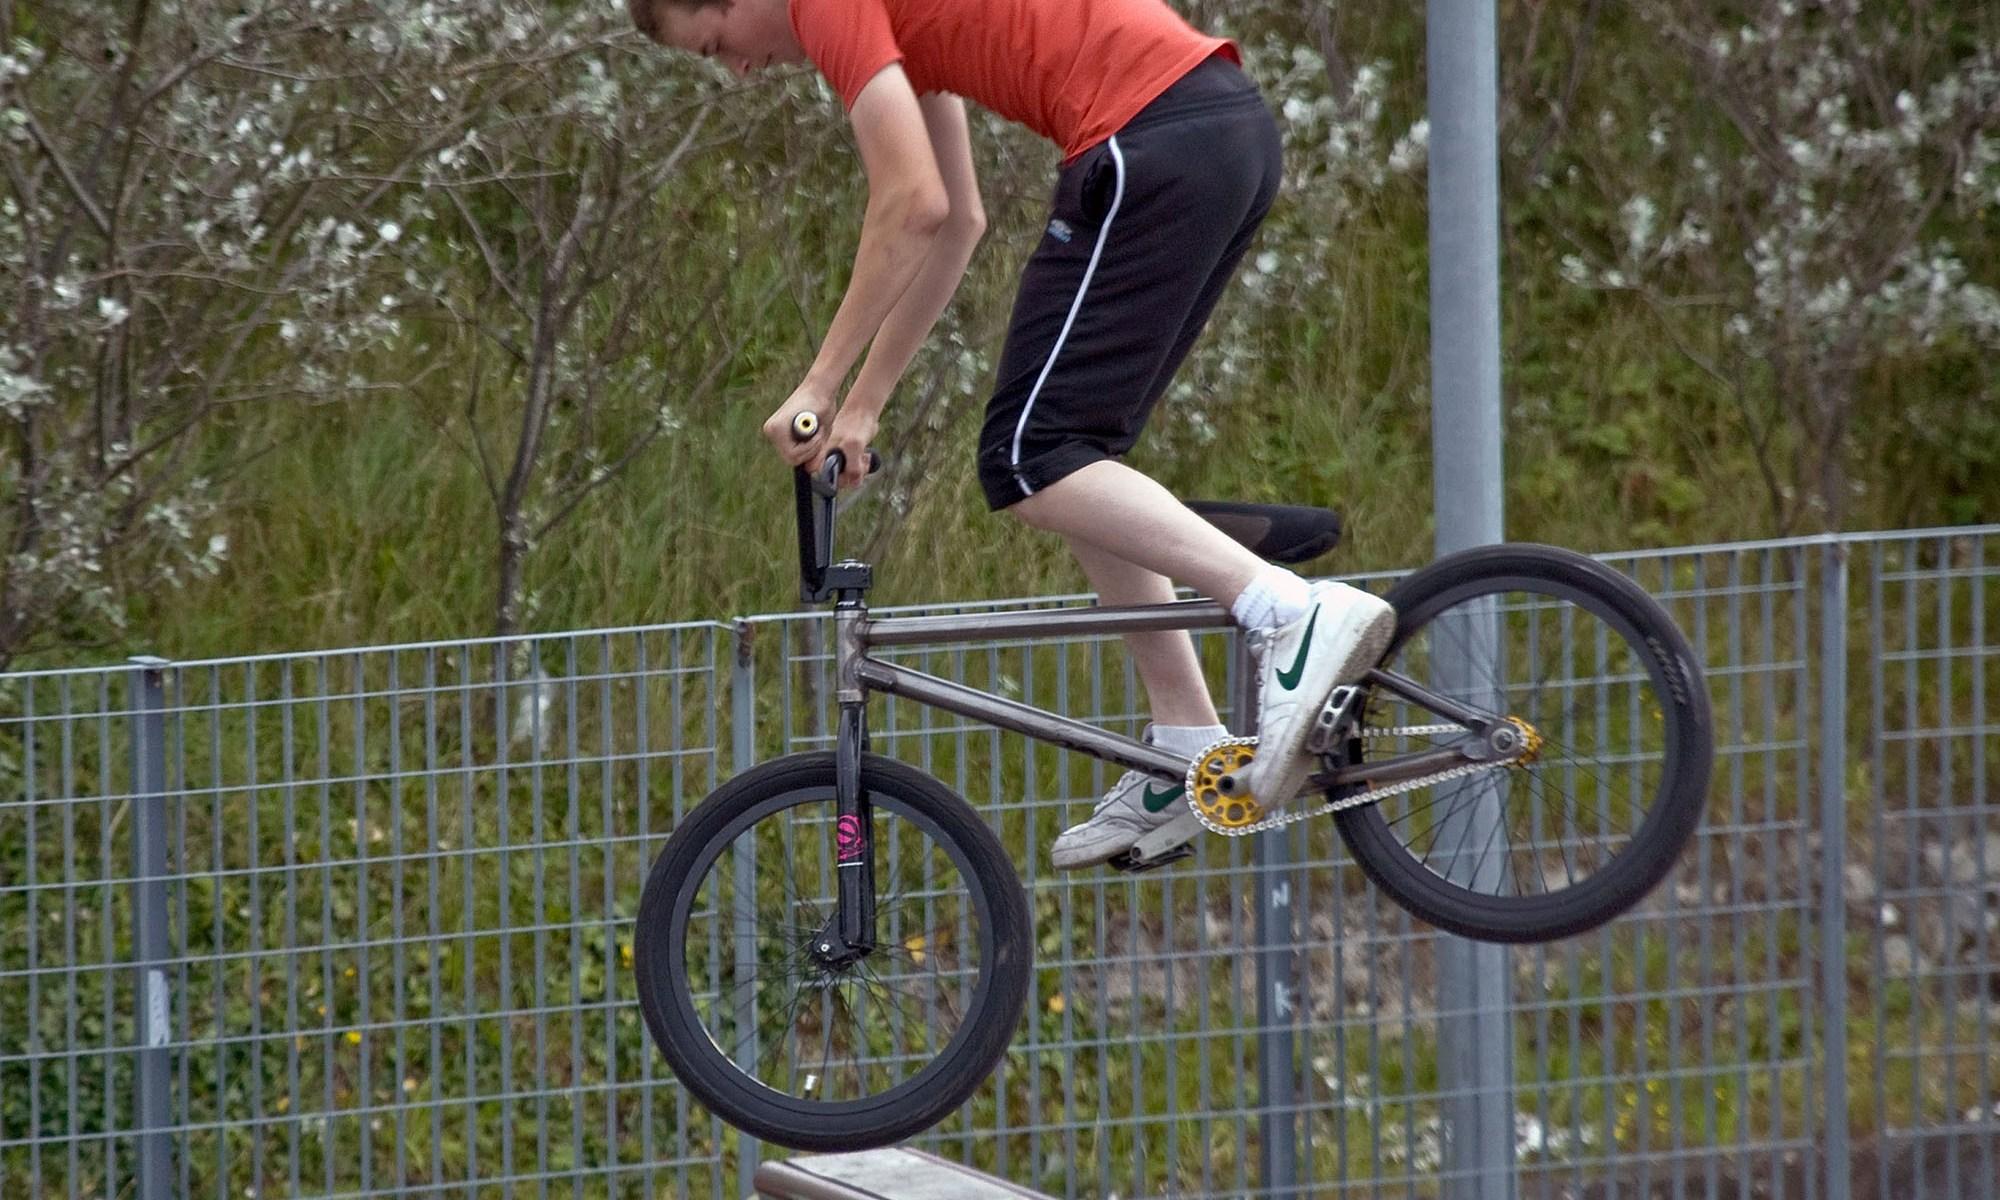 BMX Biker Jumping a Half Pipe